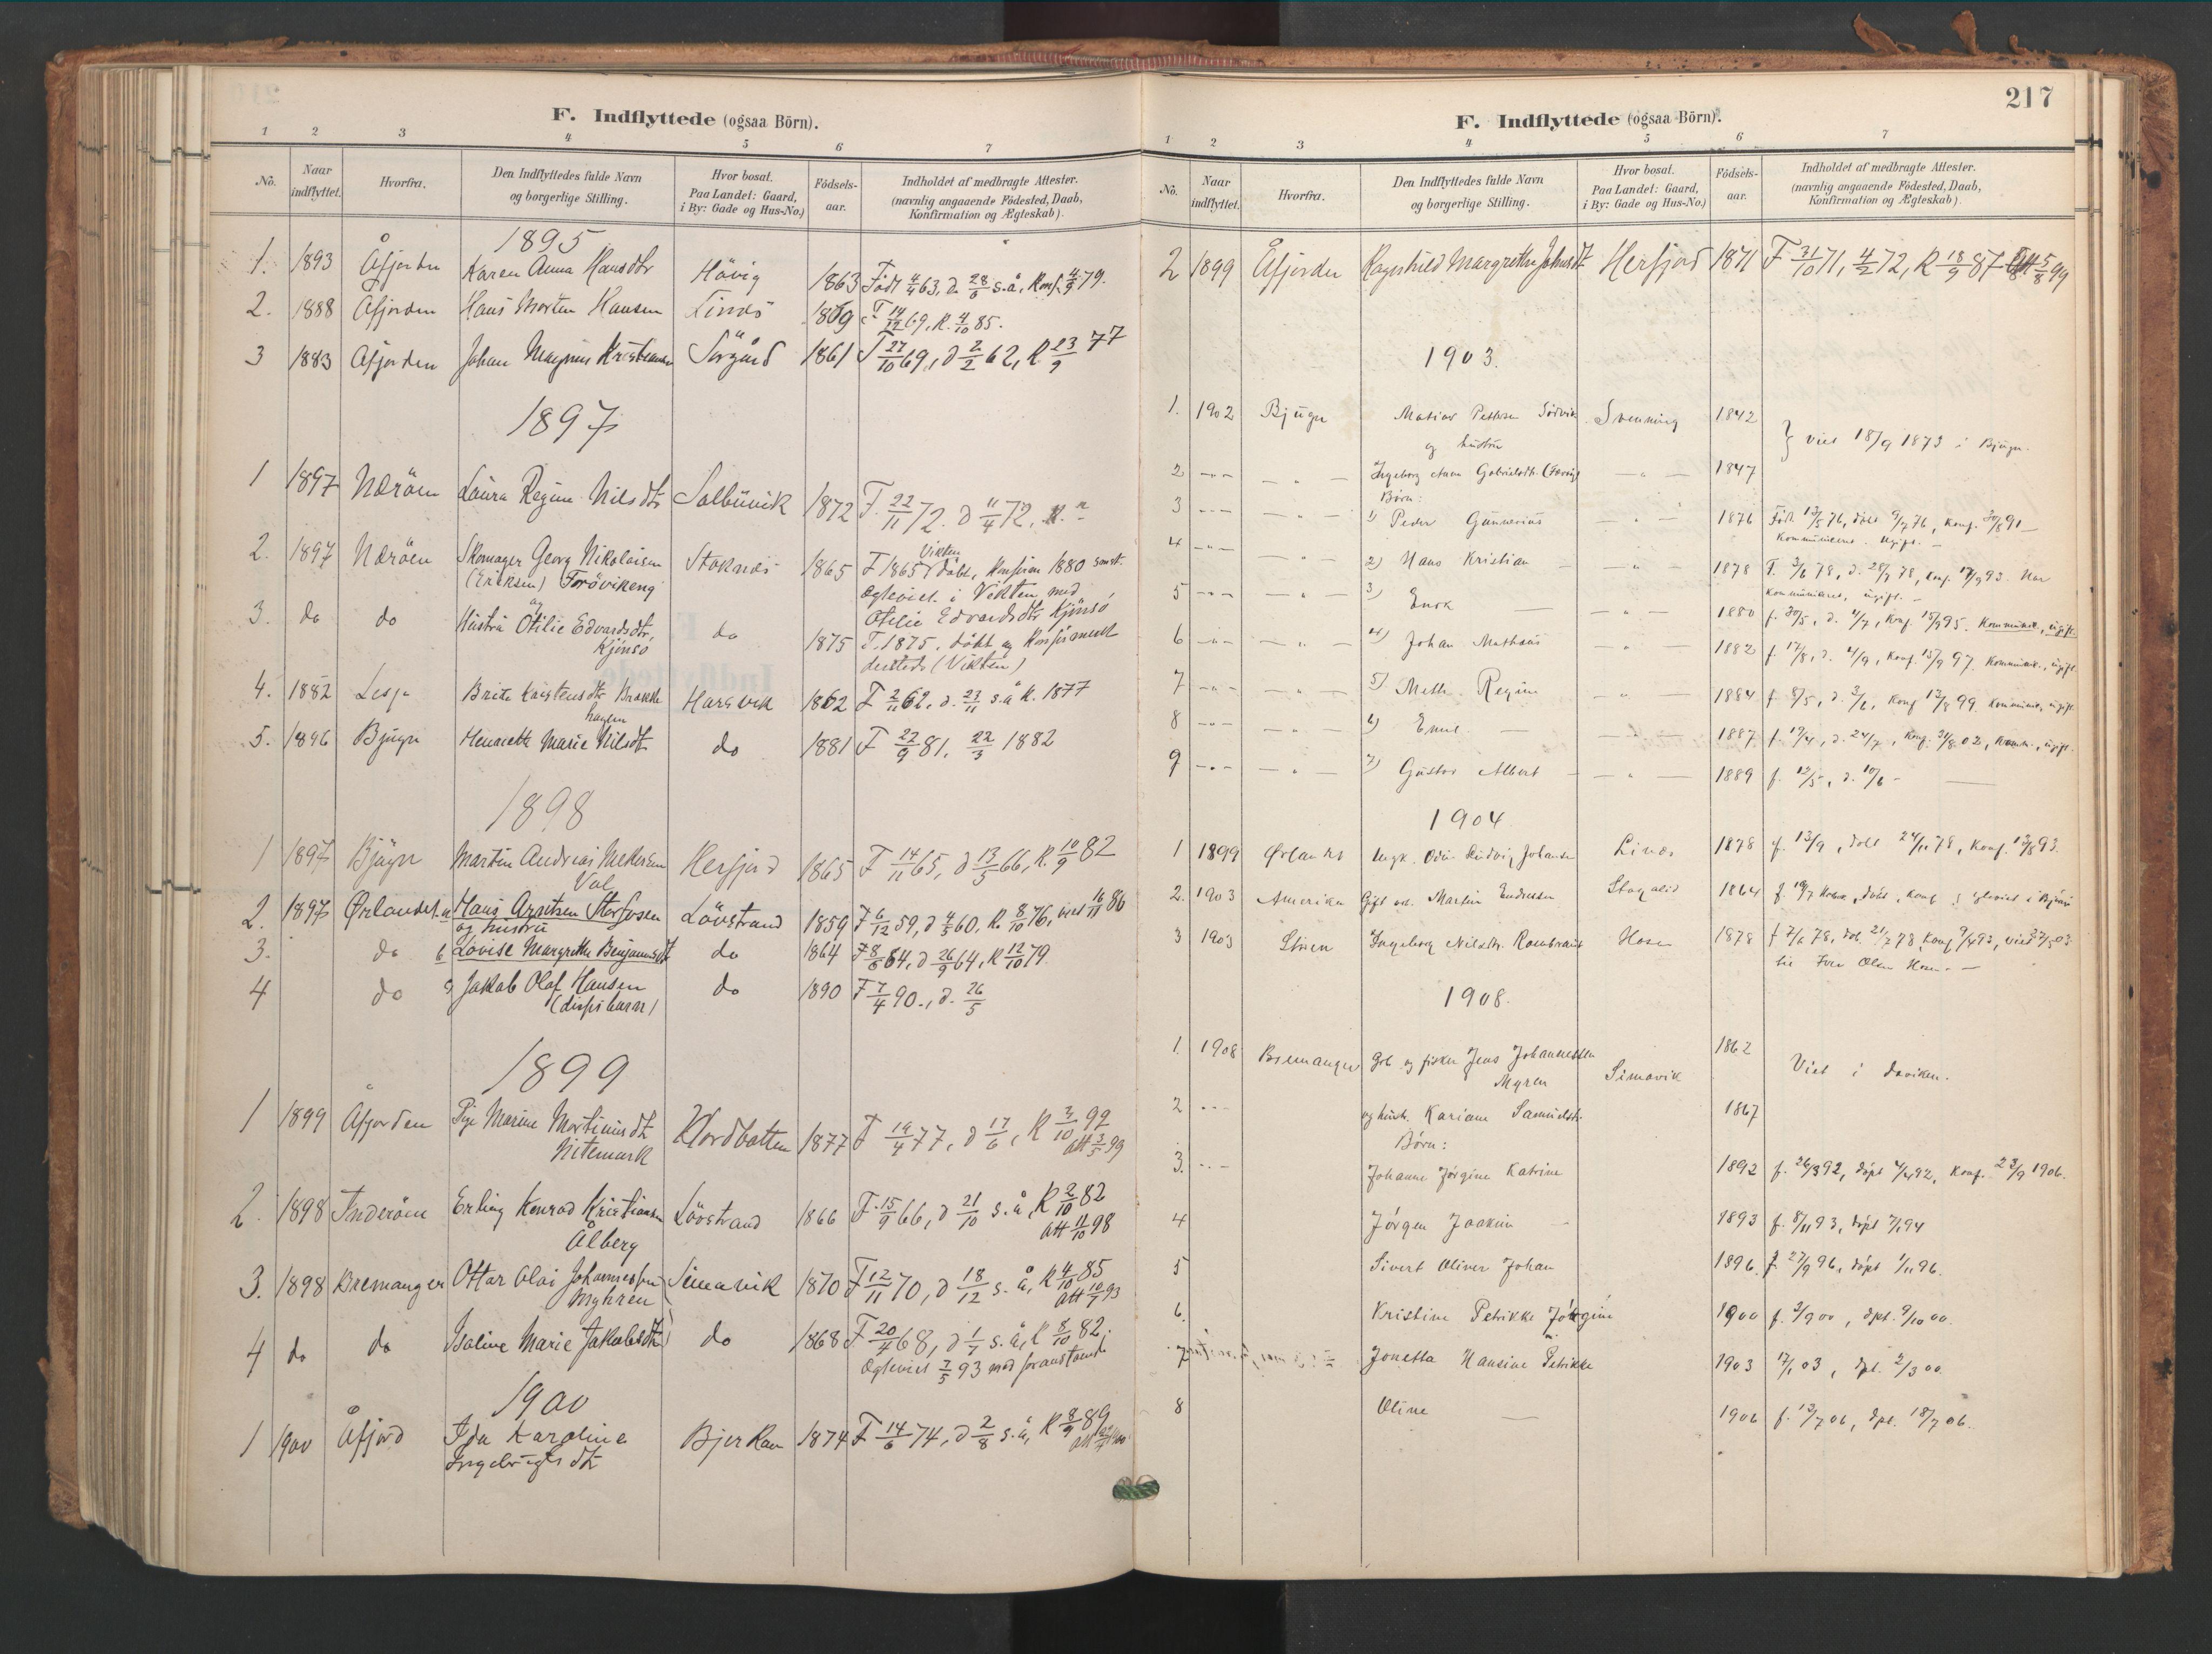 SAT, Ministerialprotokoller, klokkerbøker og fødselsregistre - Sør-Trøndelag, 656/L0693: Ministerialbok nr. 656A02, 1894-1913, s. 217